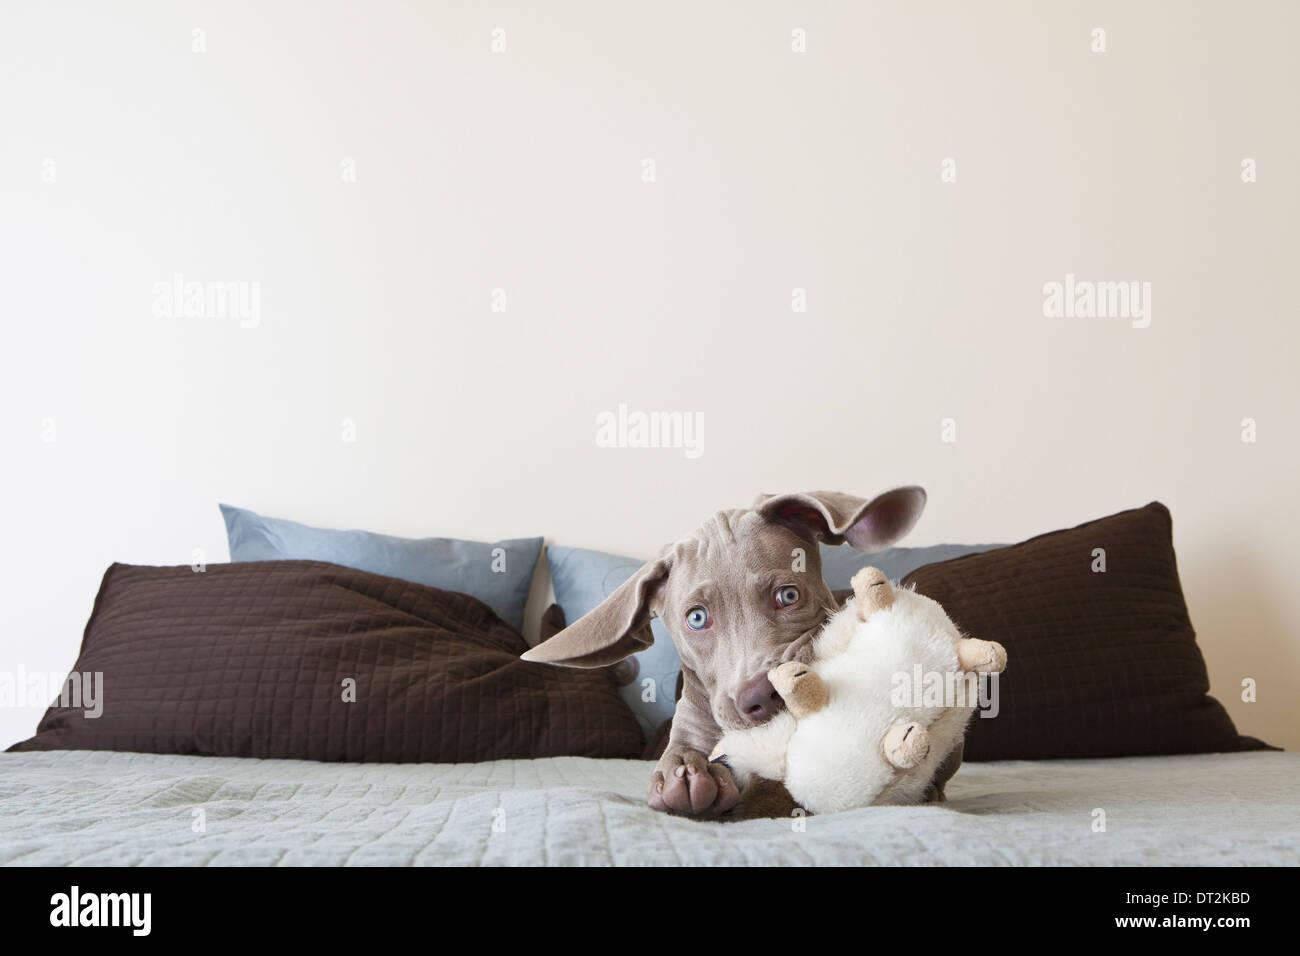 Un cucciolo Weimaraner giocando su un letto con il giocattolo imbottito nella sua bocca Immagini Stock